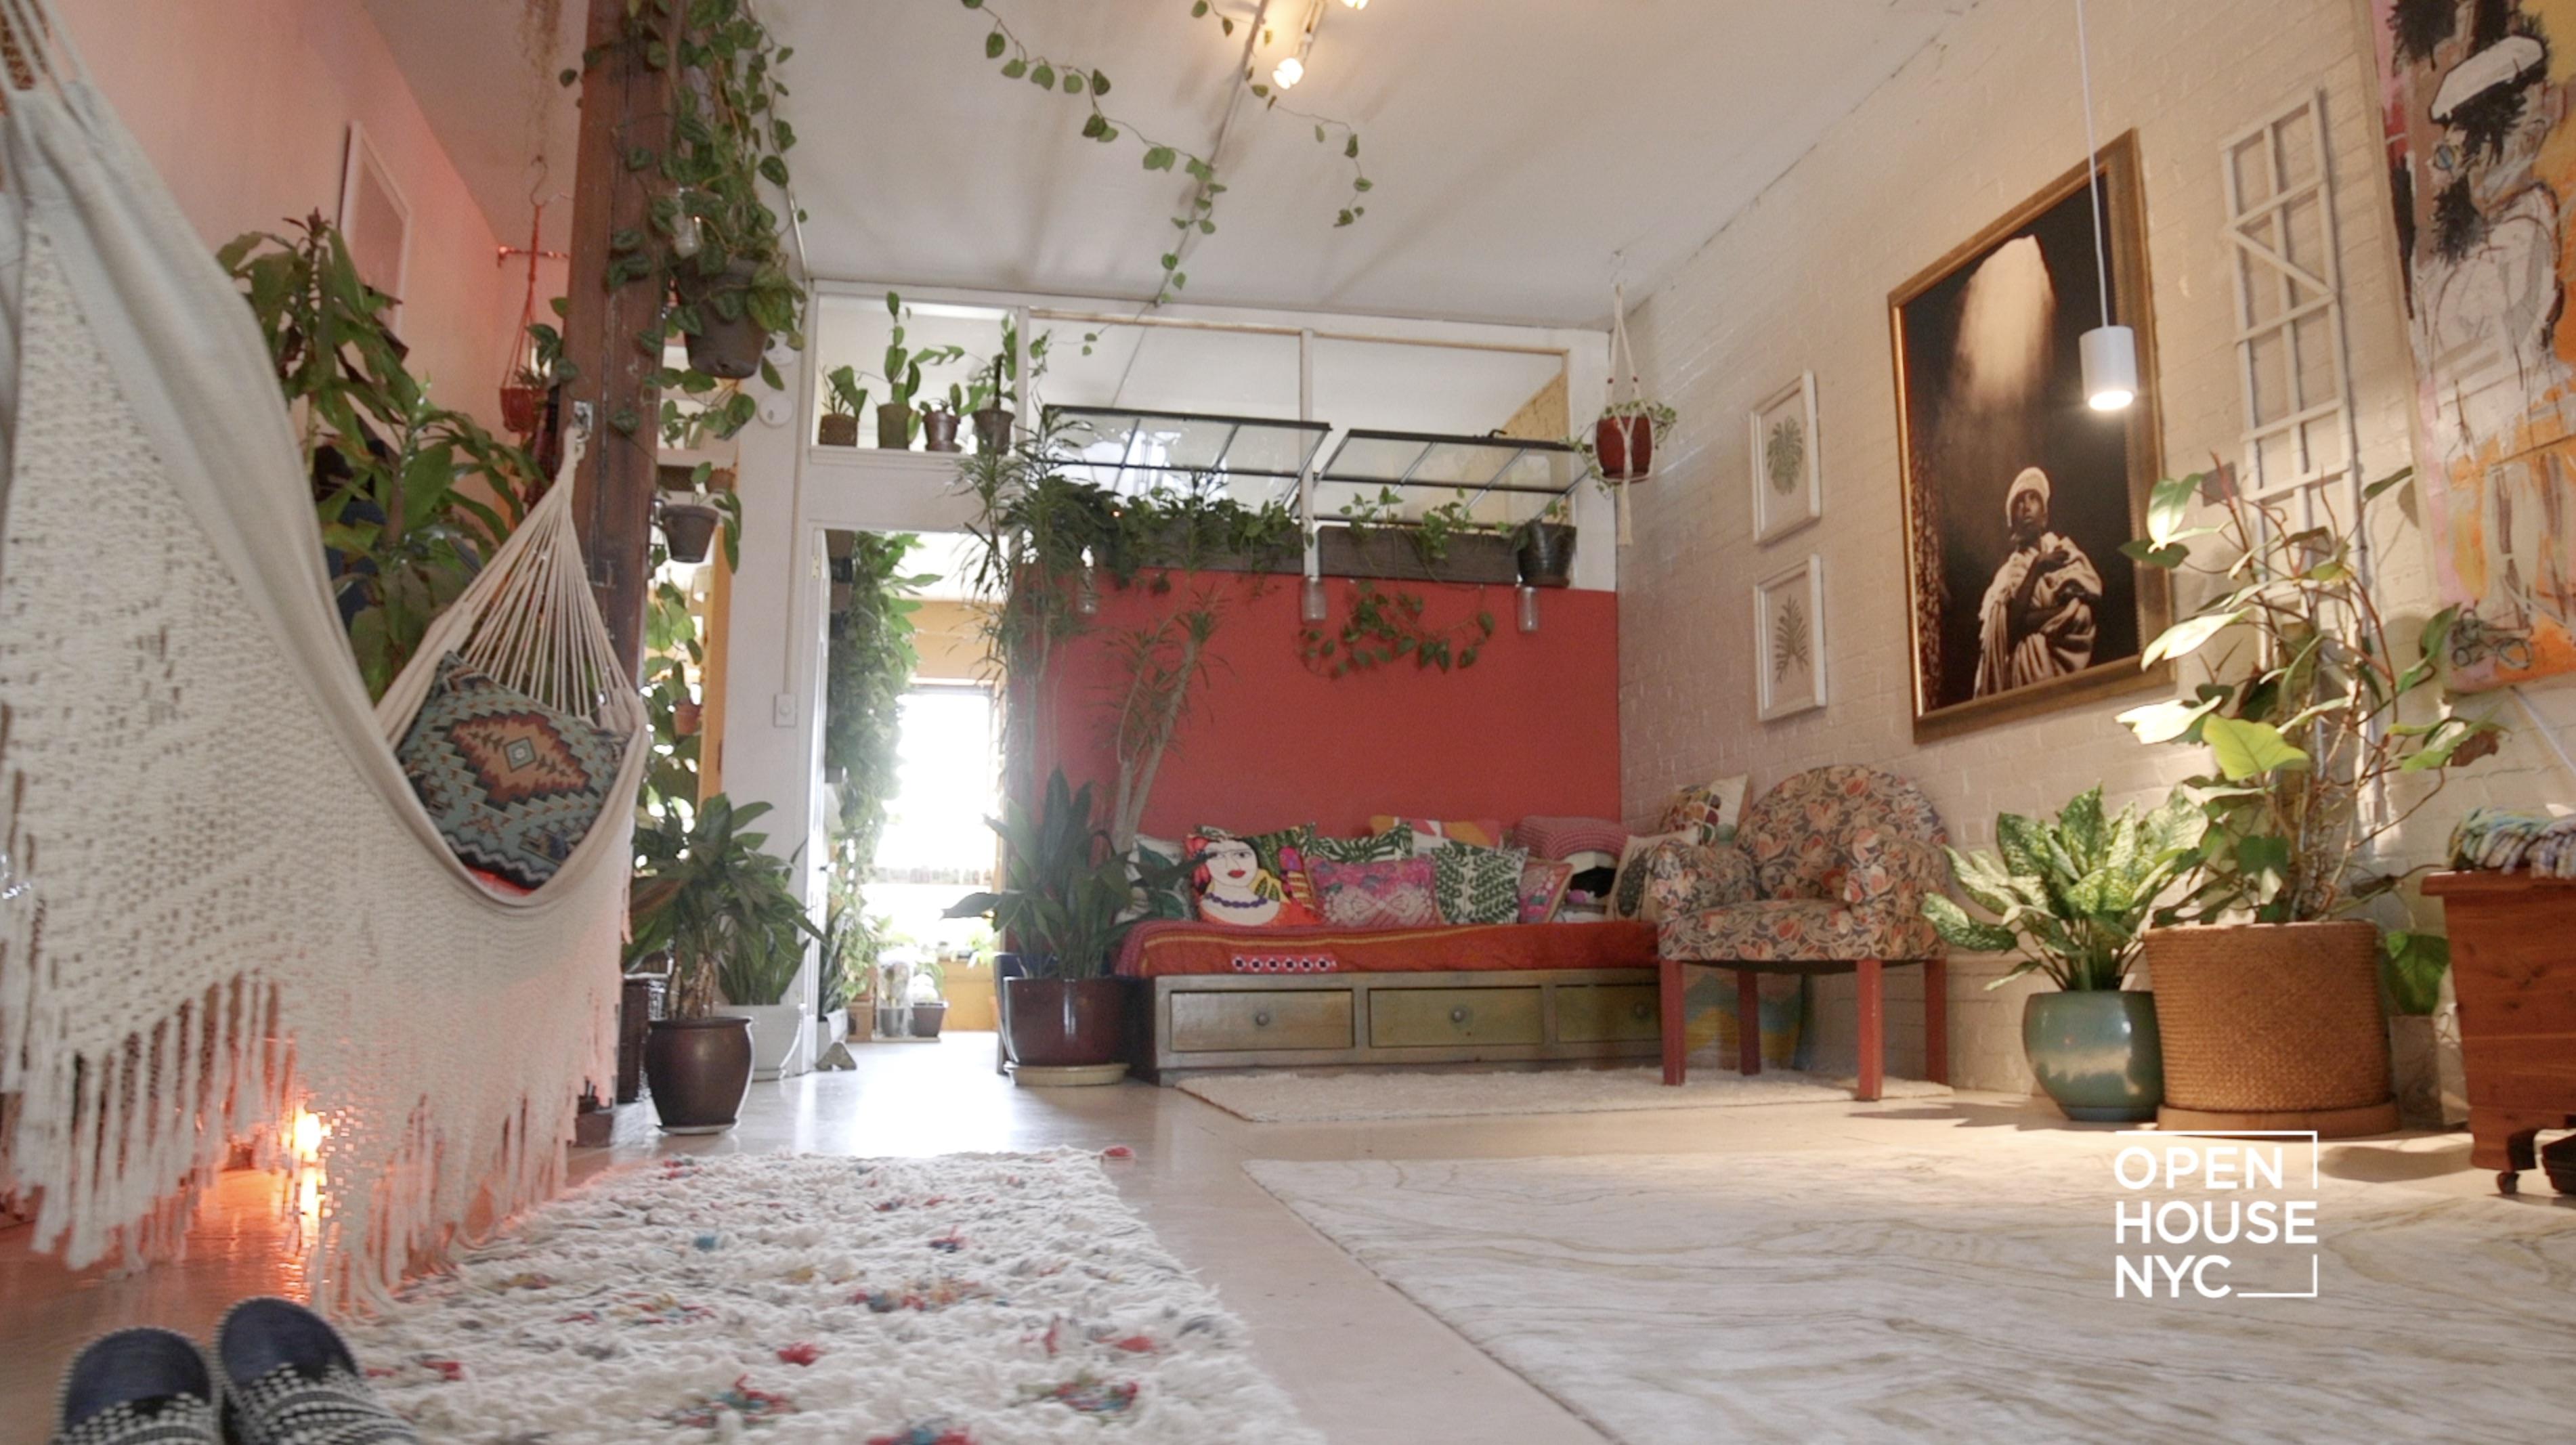 Https Www Nbcchicago Com Blogs Open House Upper East Side